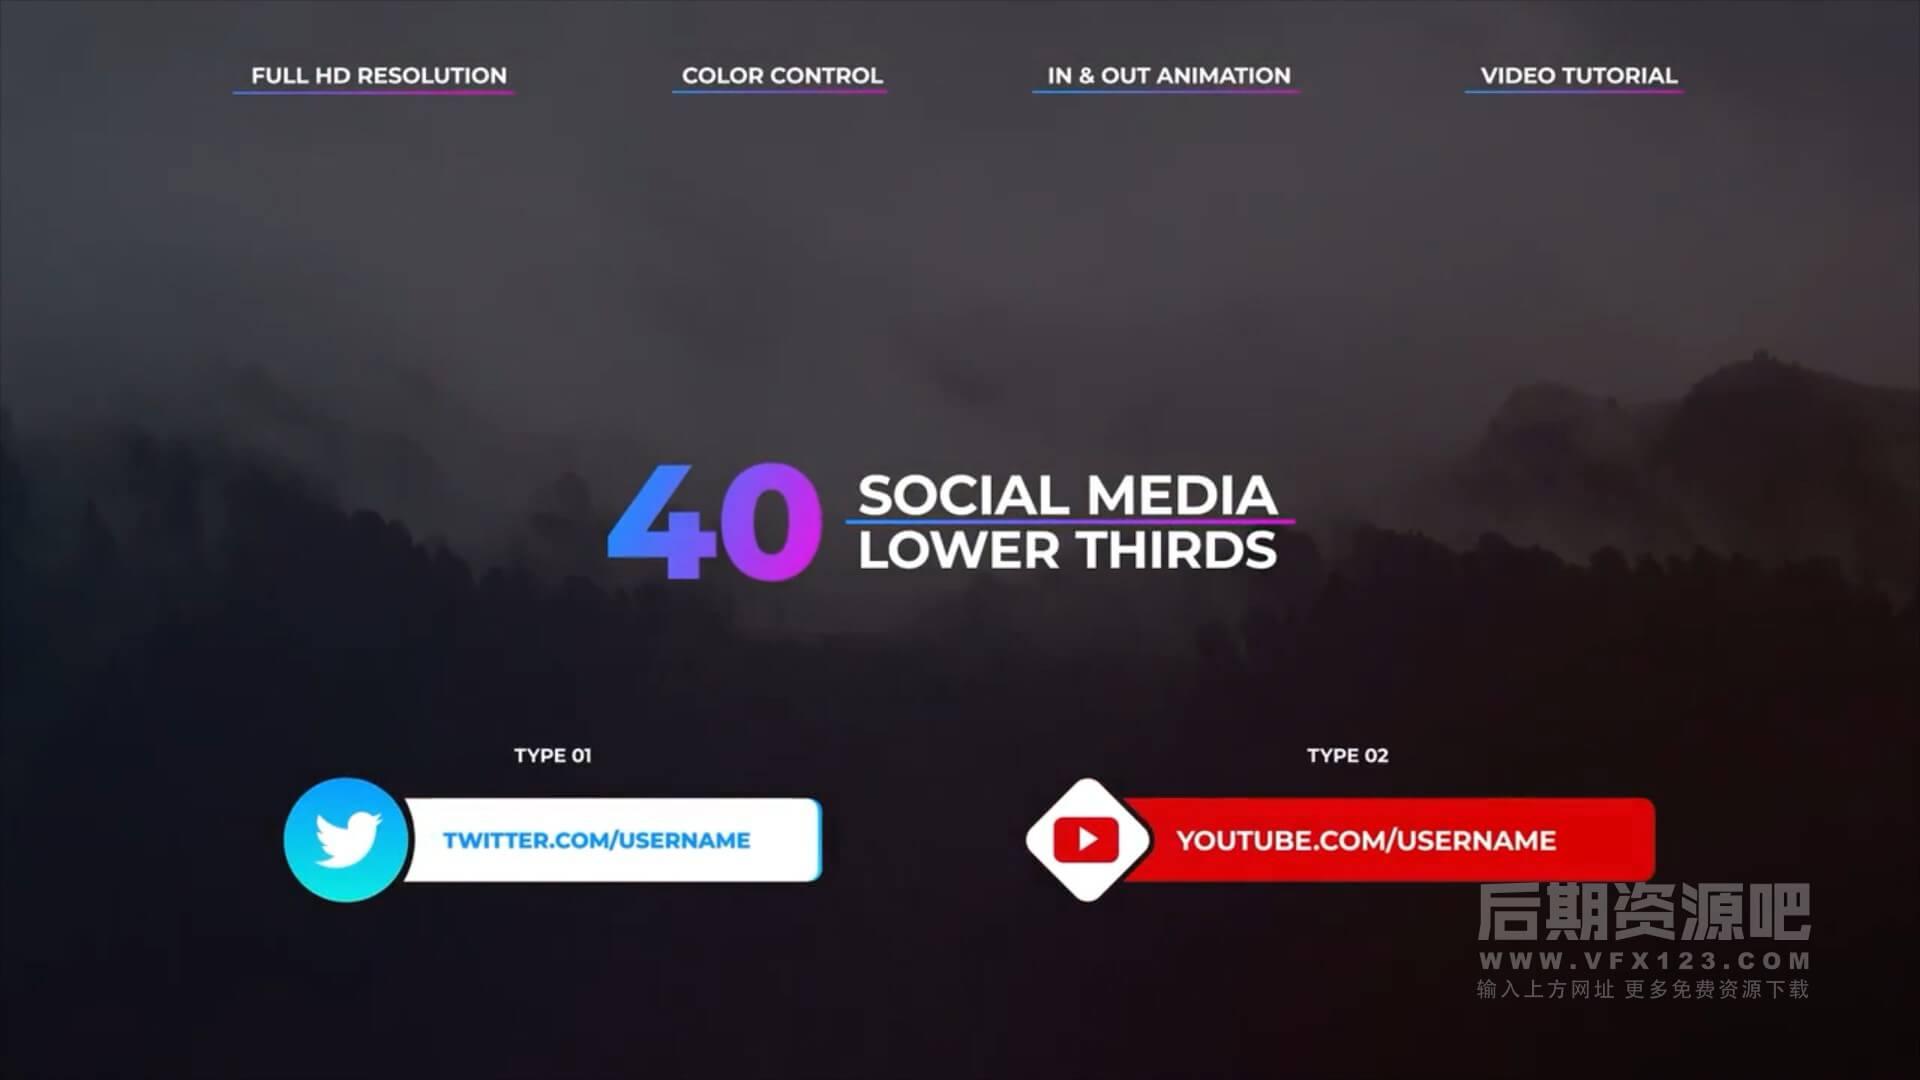 fcpx标题插件 40组自媒体社交网络字幕条动画模板 Social Media Lower Thirds